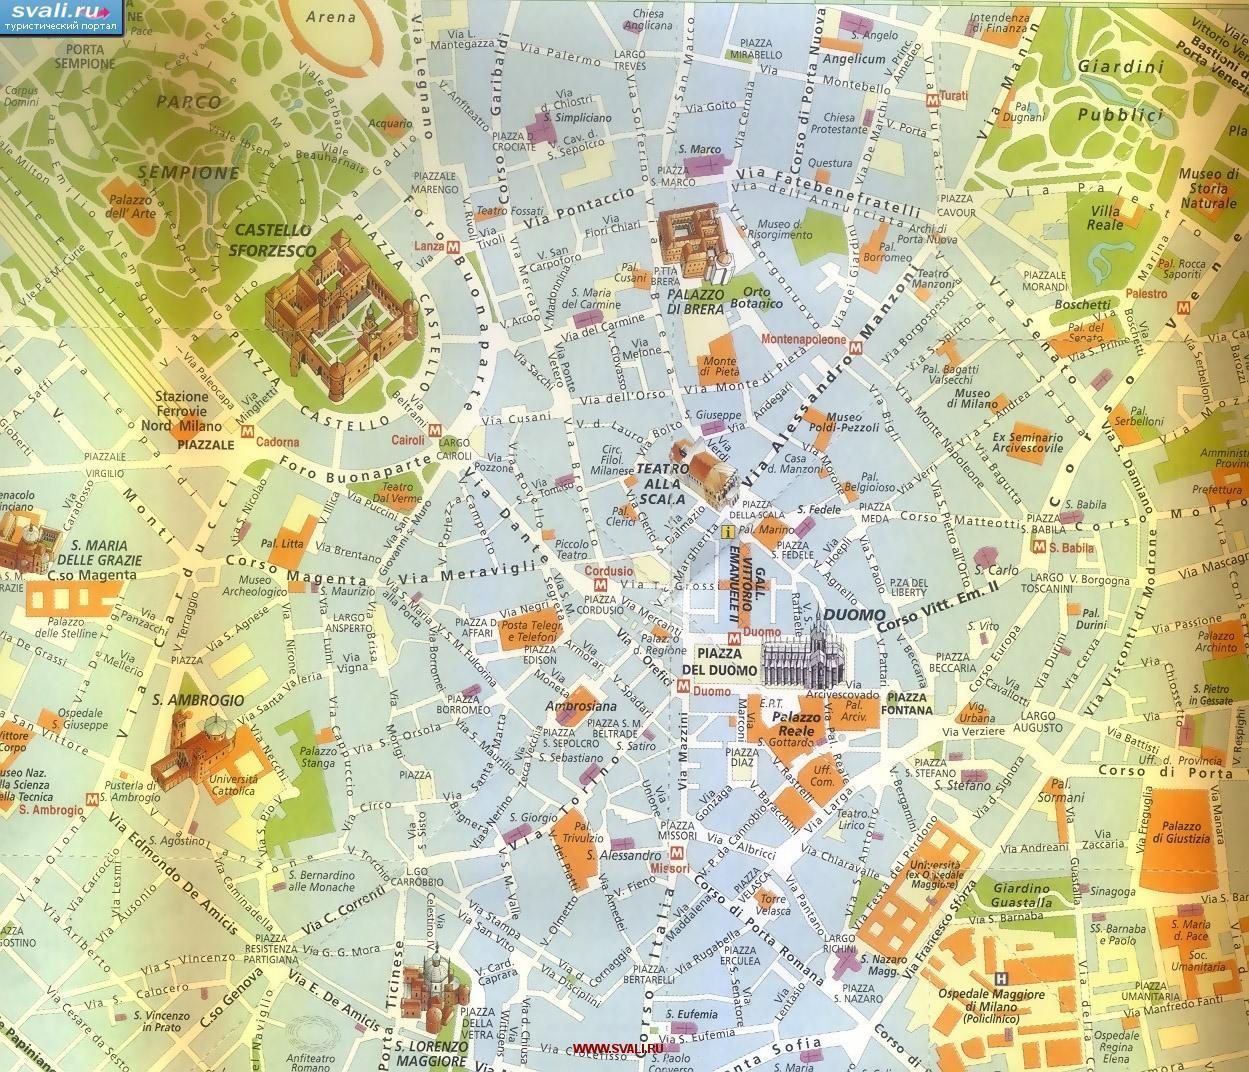 Karty Karta Centra Milana S Dostoprimechatelnostyami Italiya